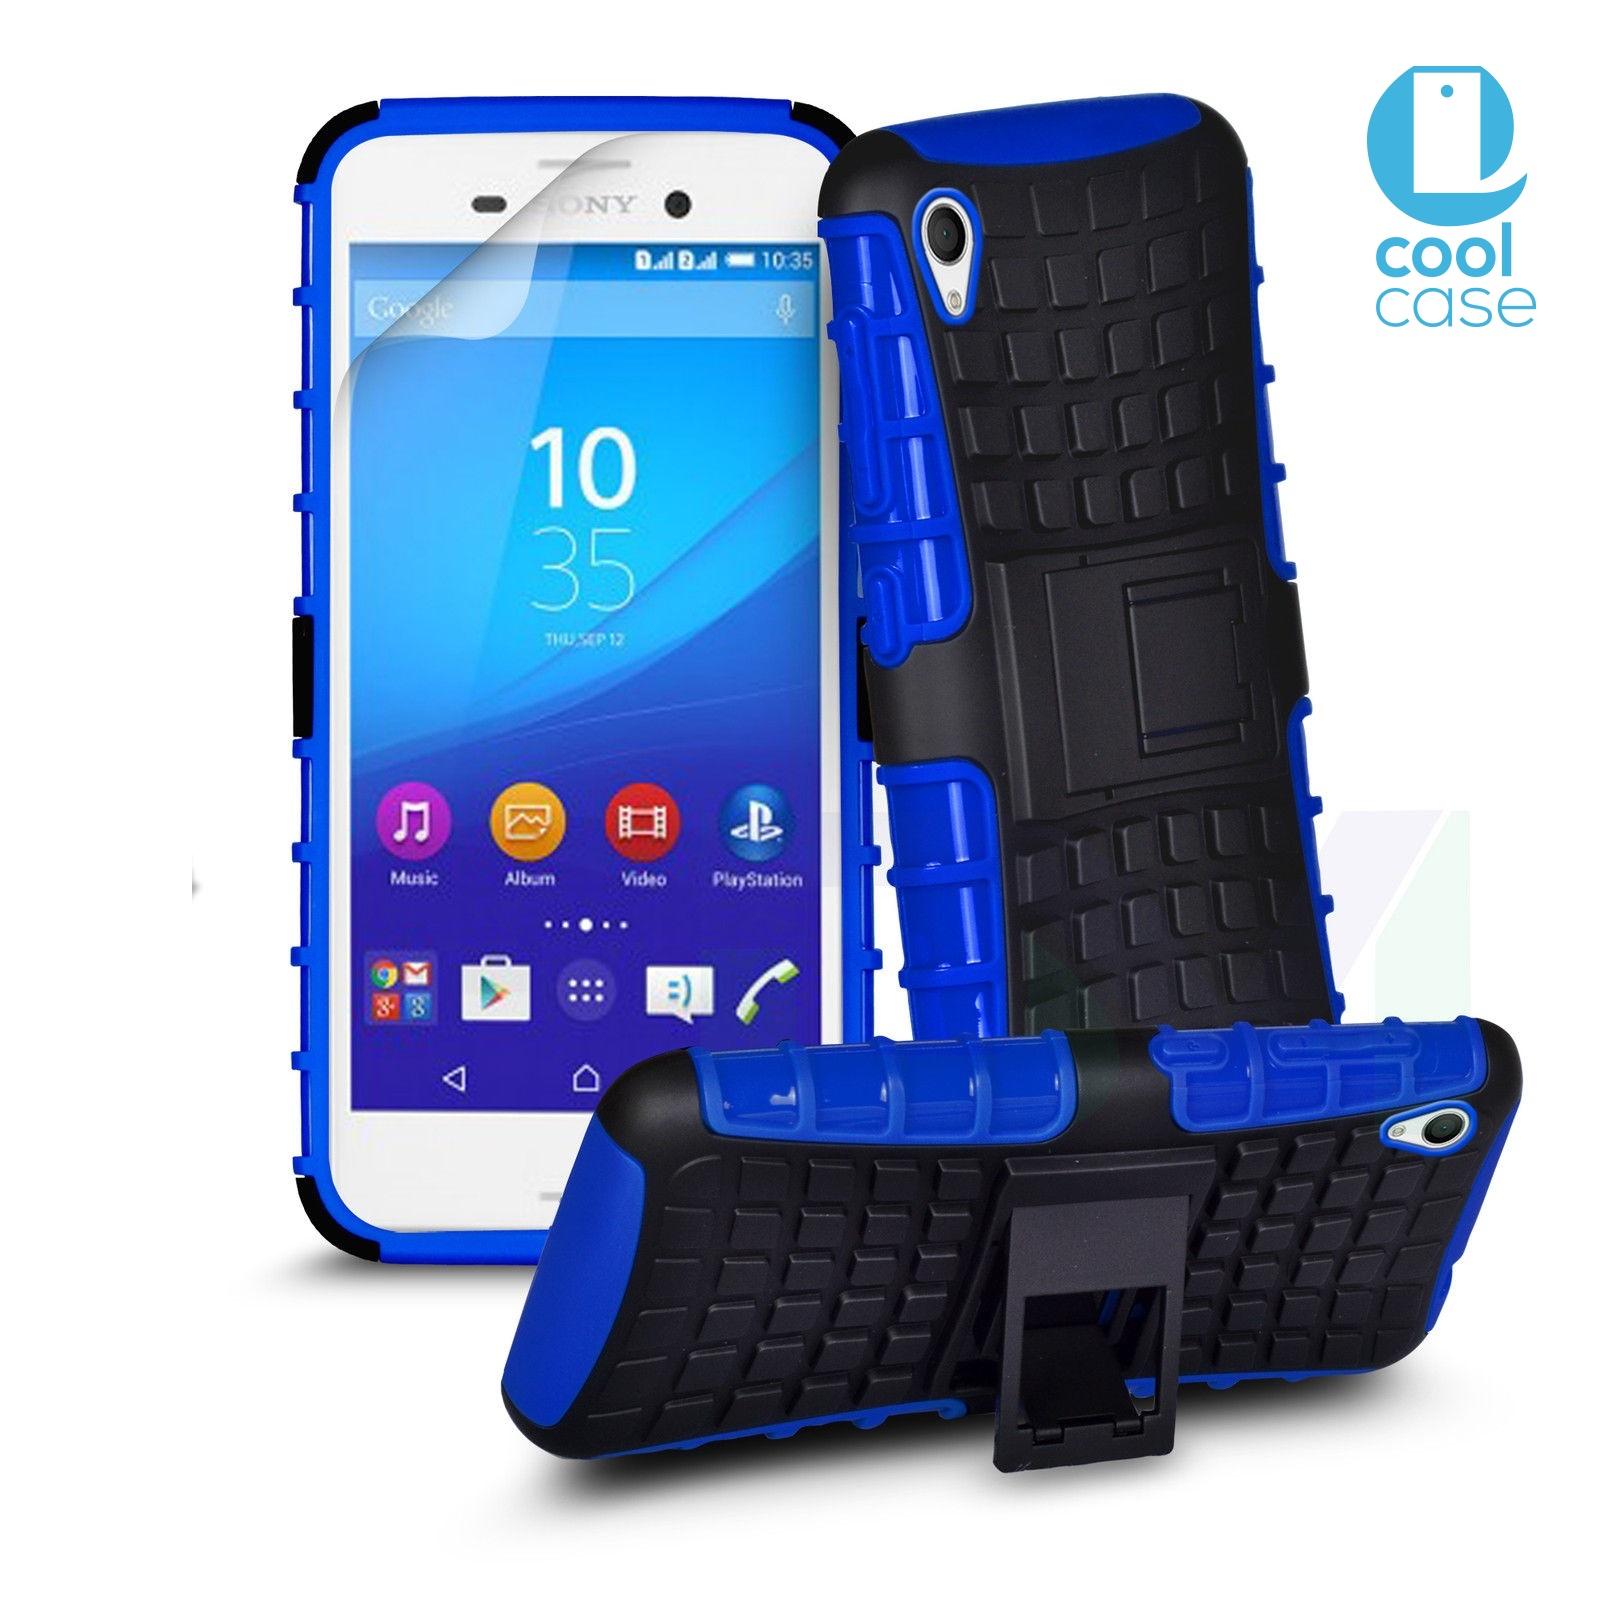 Odolné pouzdro PANZER CASE na mobilní telefon Sony Xperia Z5 Compact Modré